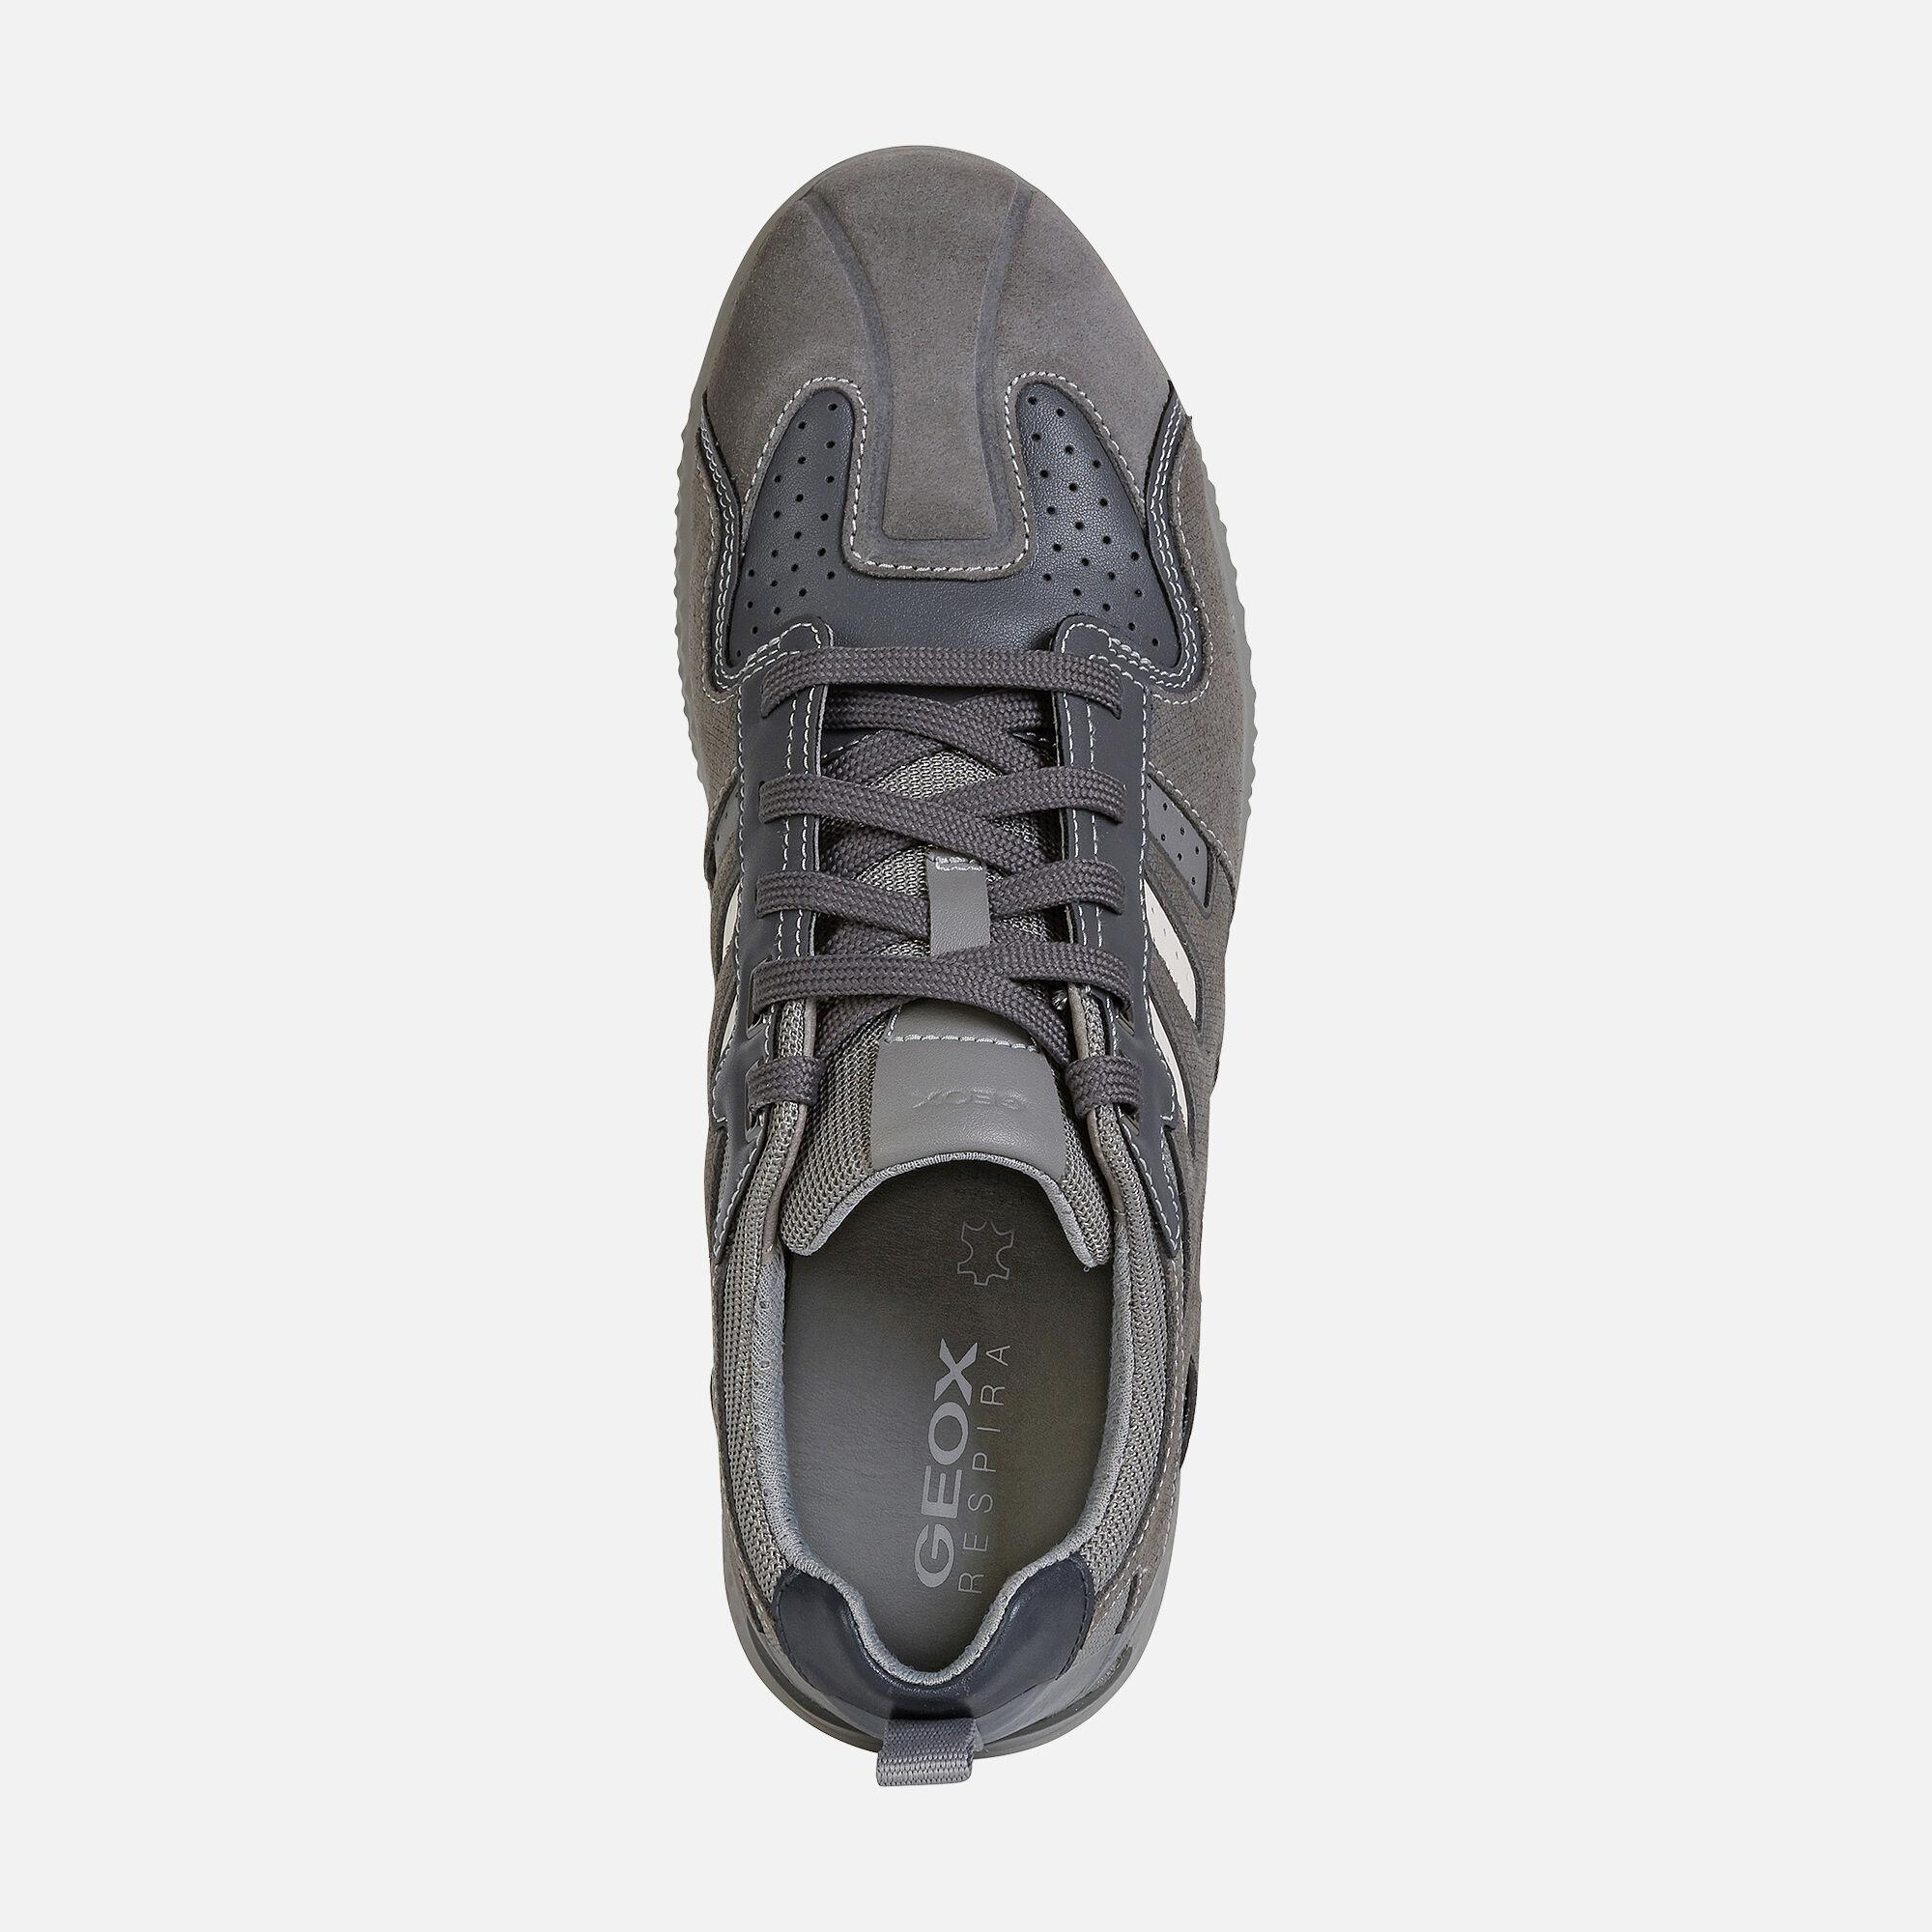 Geox SNAKE.2 Man: Grey Sneakers   Geox